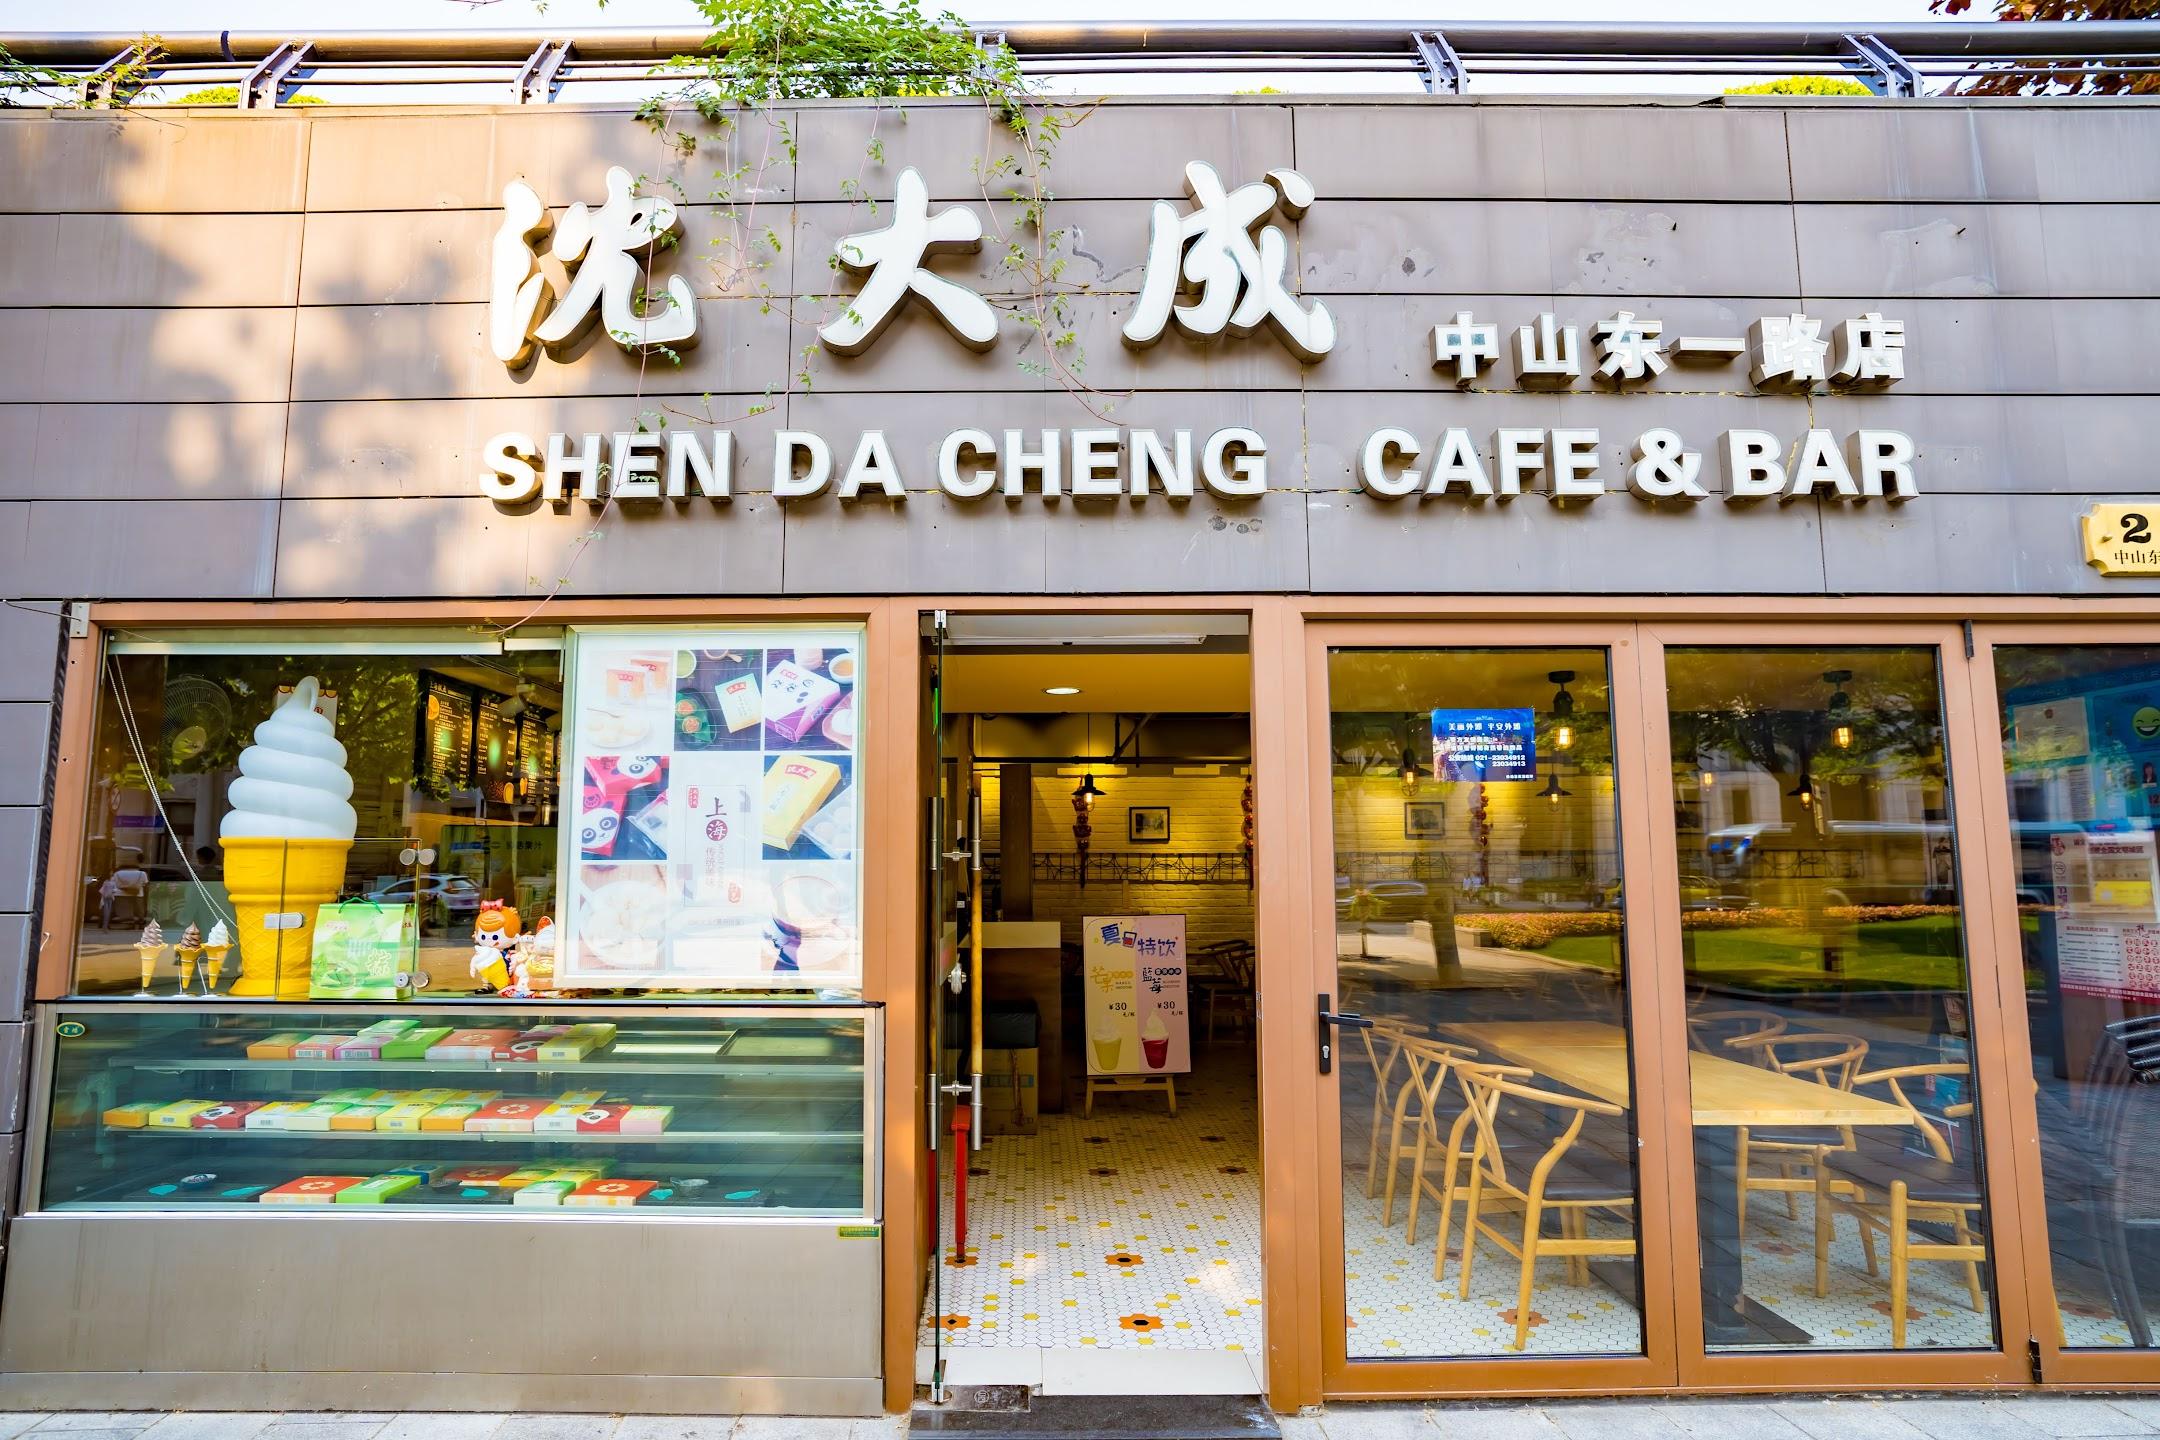 Shanghai 沈大成 Shen Da Cheng Cafe&Bar1